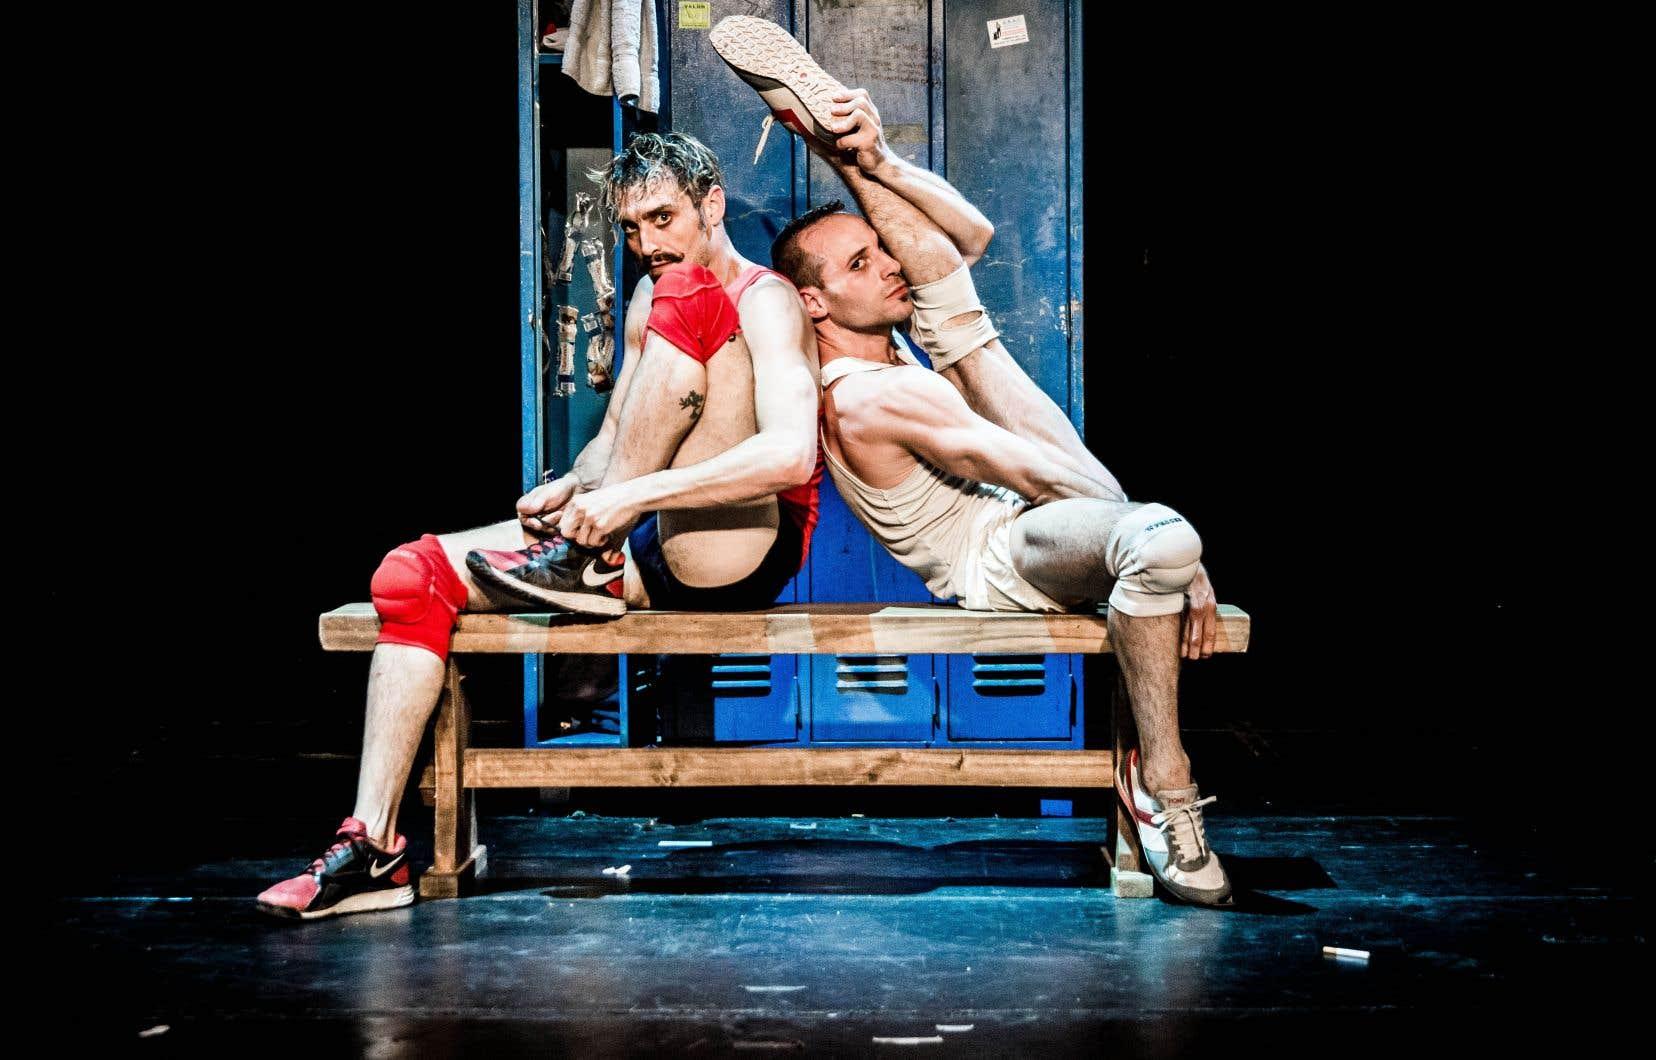 Les questions d'ordre sociologique, philosophique et anthropologique que soulèvent Alfonso Barón et Luciano Rosso n'empêchent pas le spectacle d'être comique et sensuel.